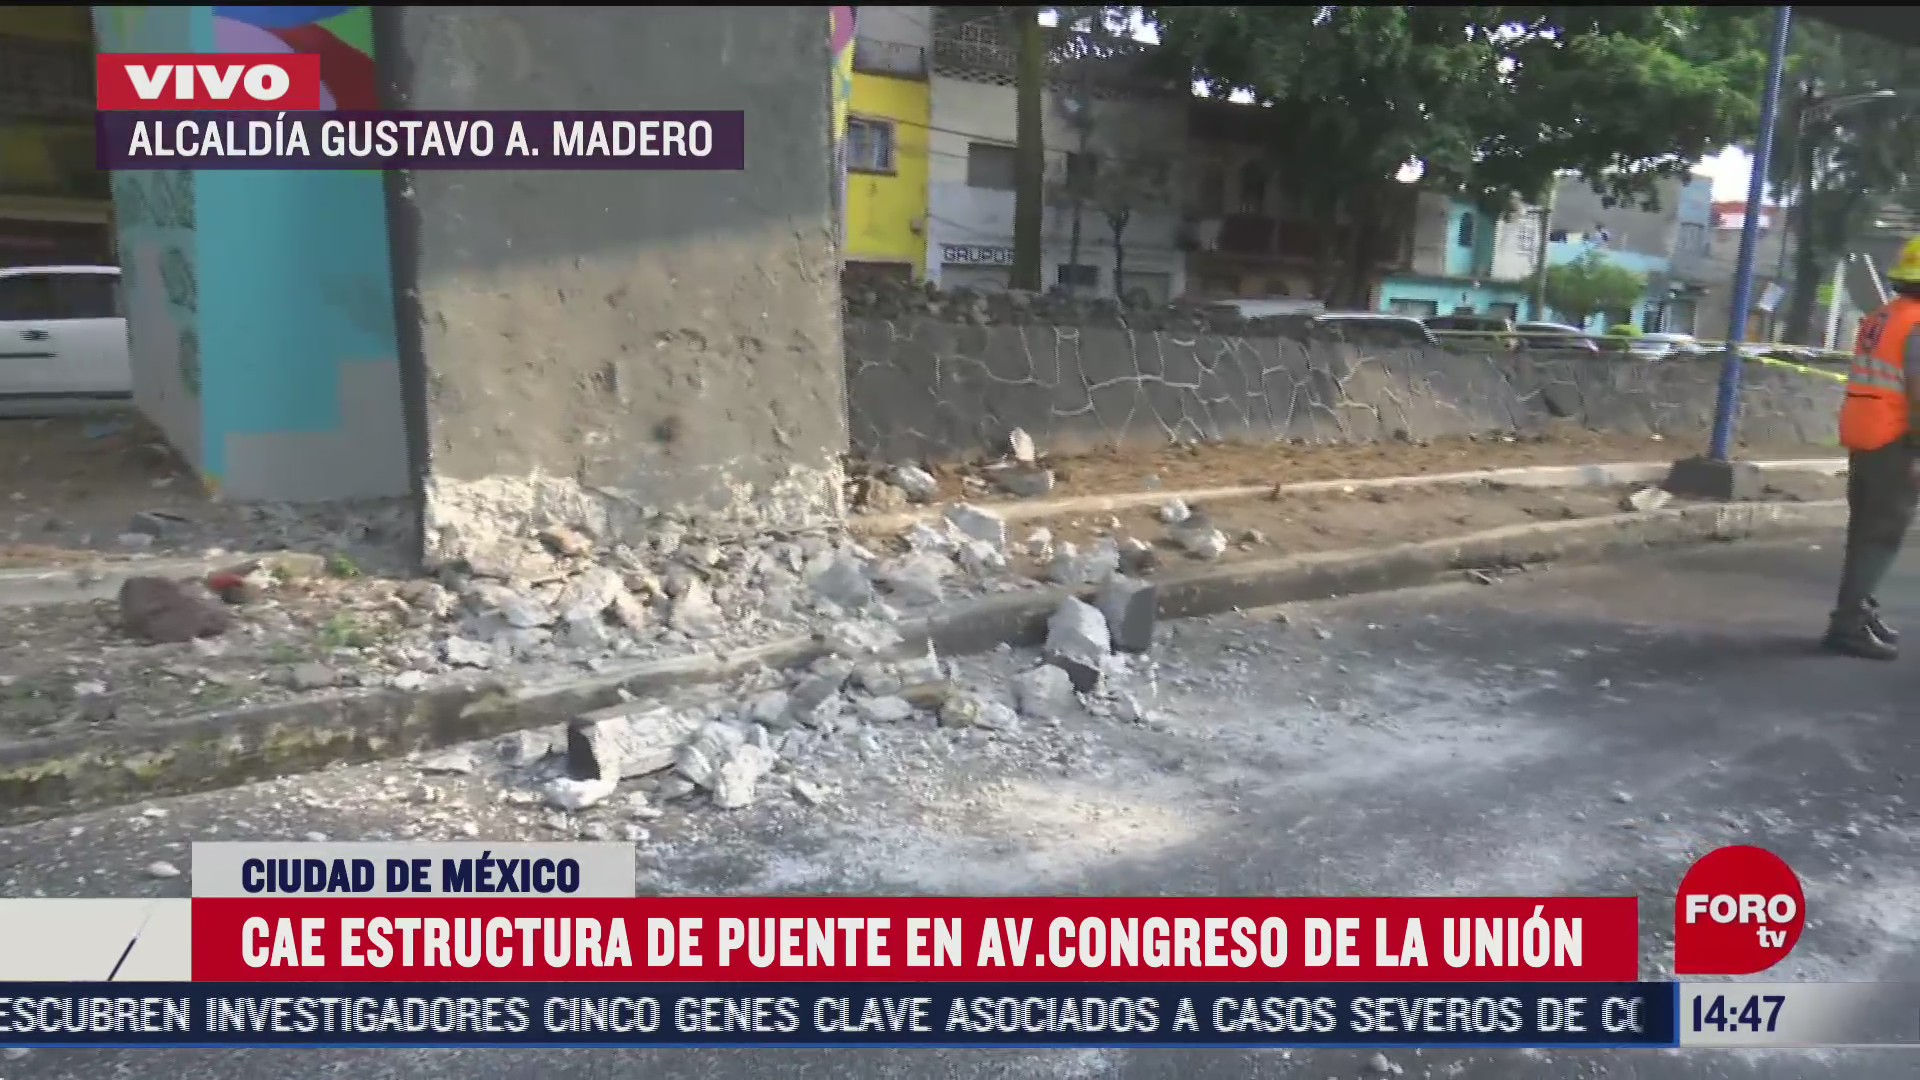 cae estructura de puente en avenida congreso de la union